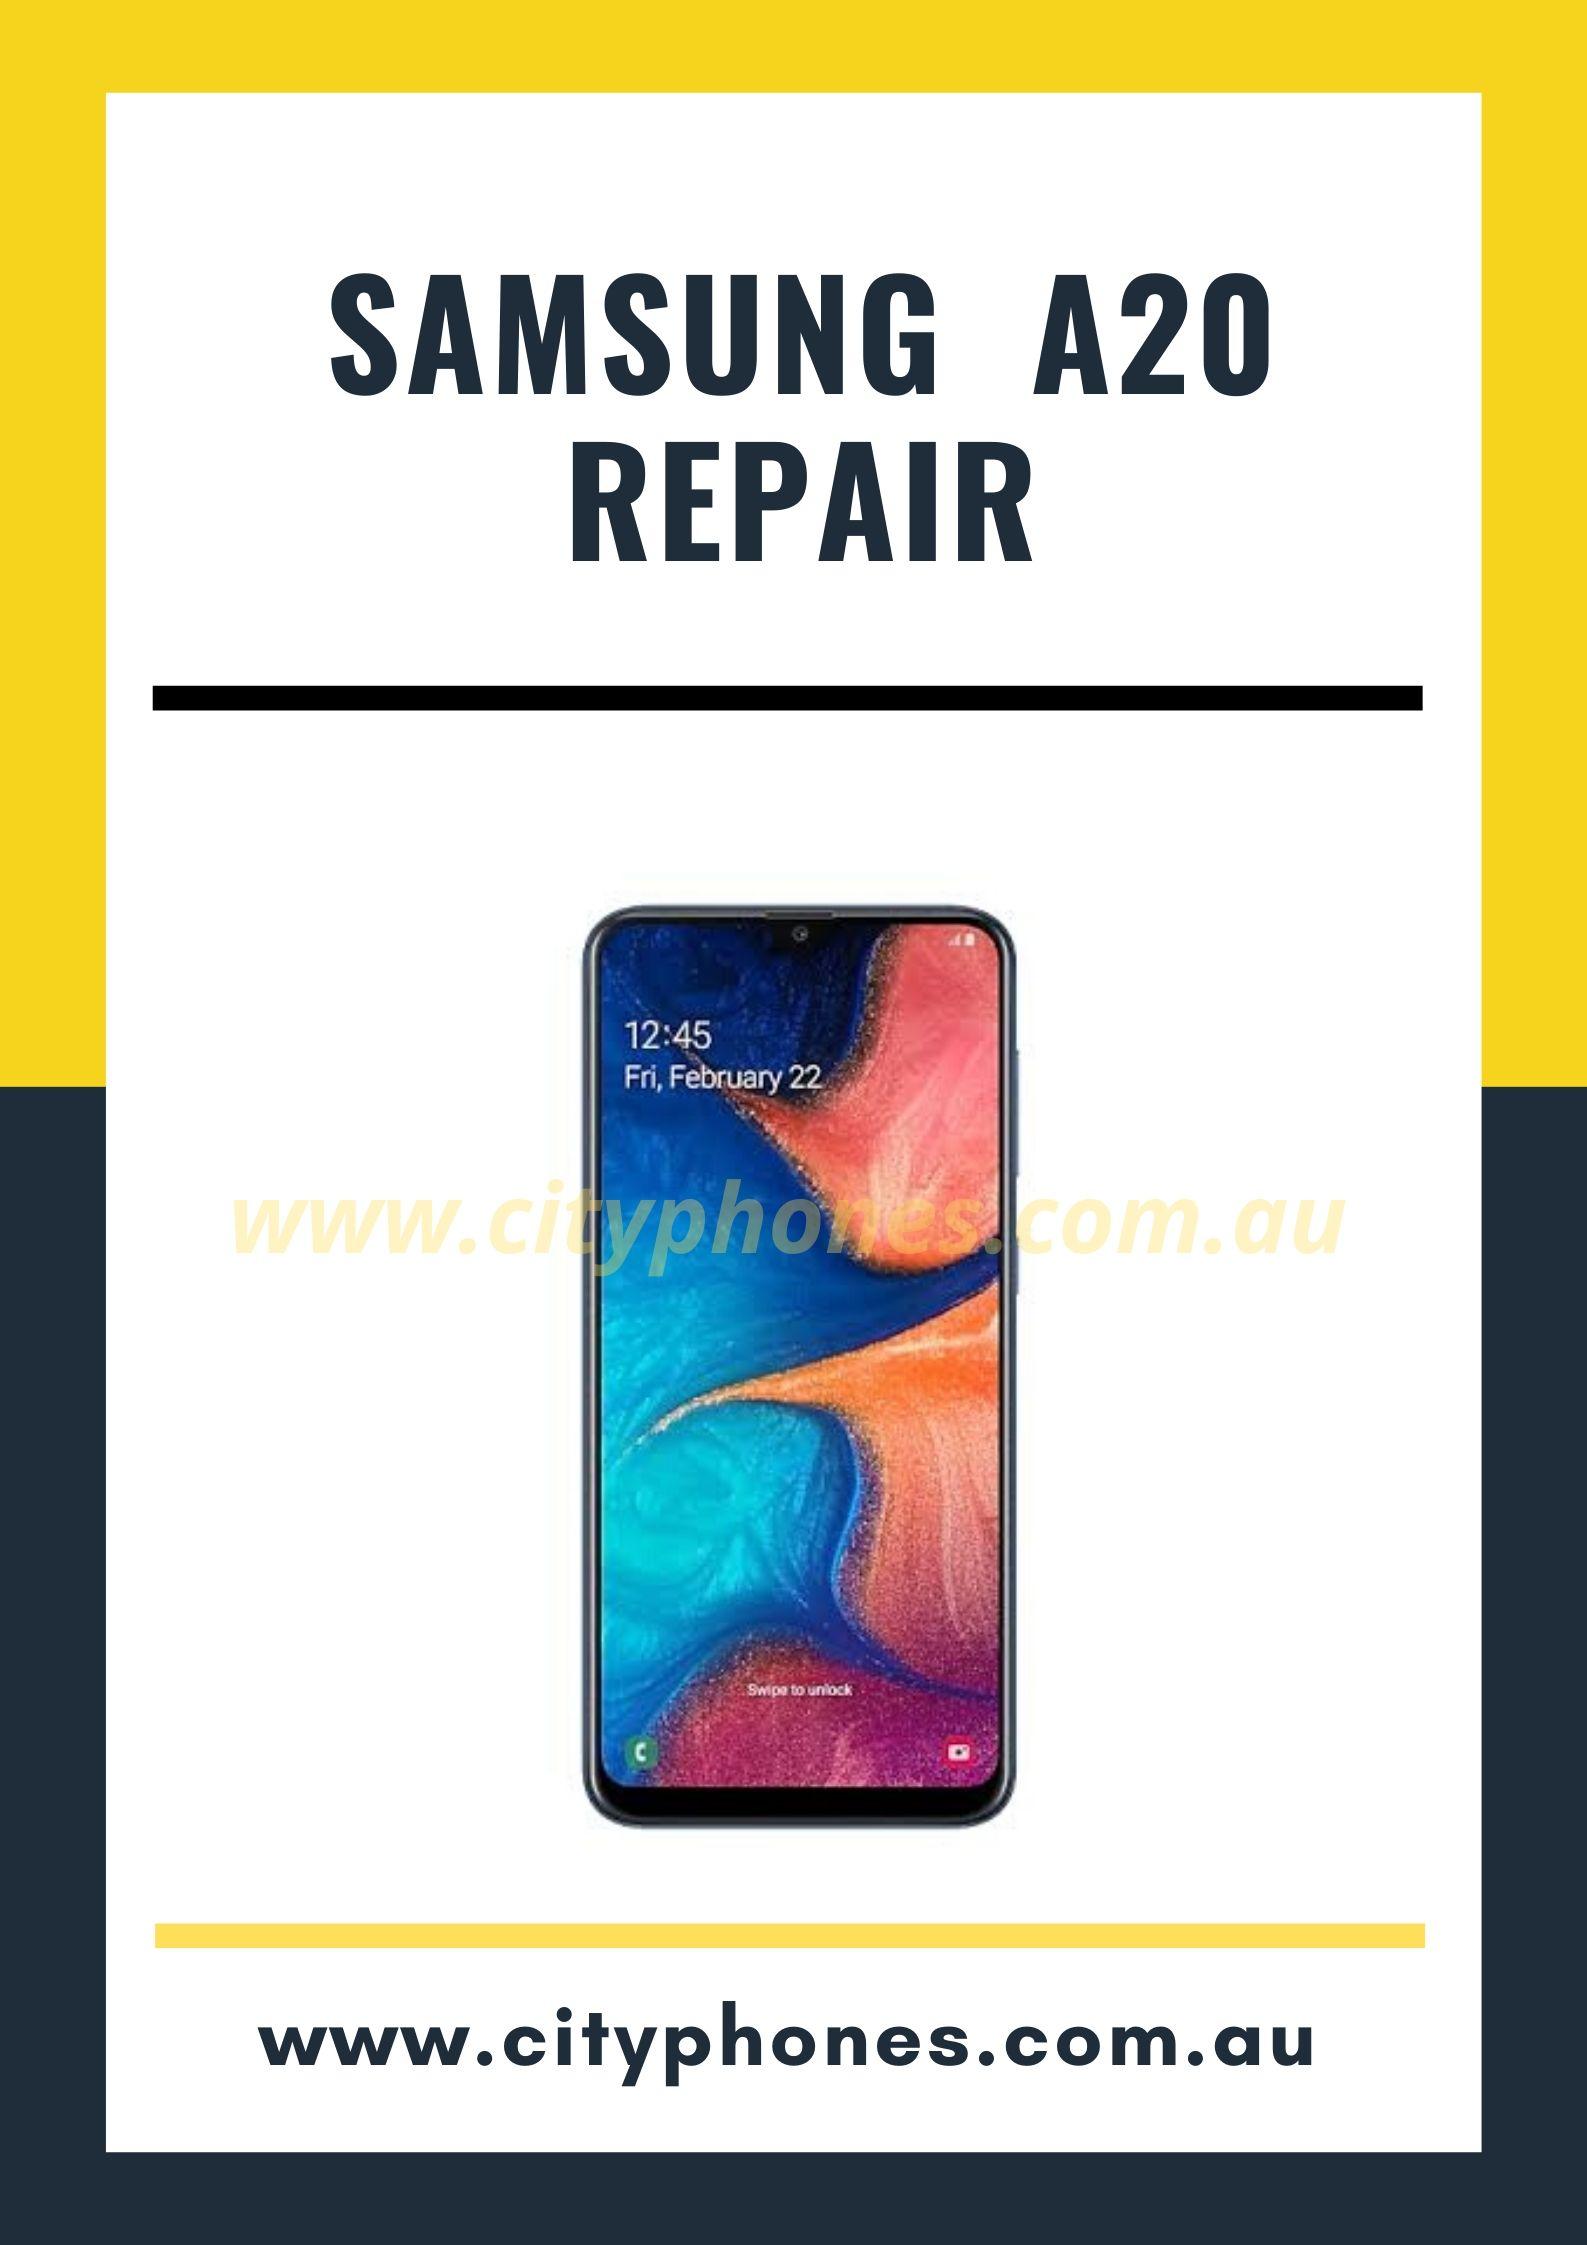 samsung a20 screen repair in melbourne